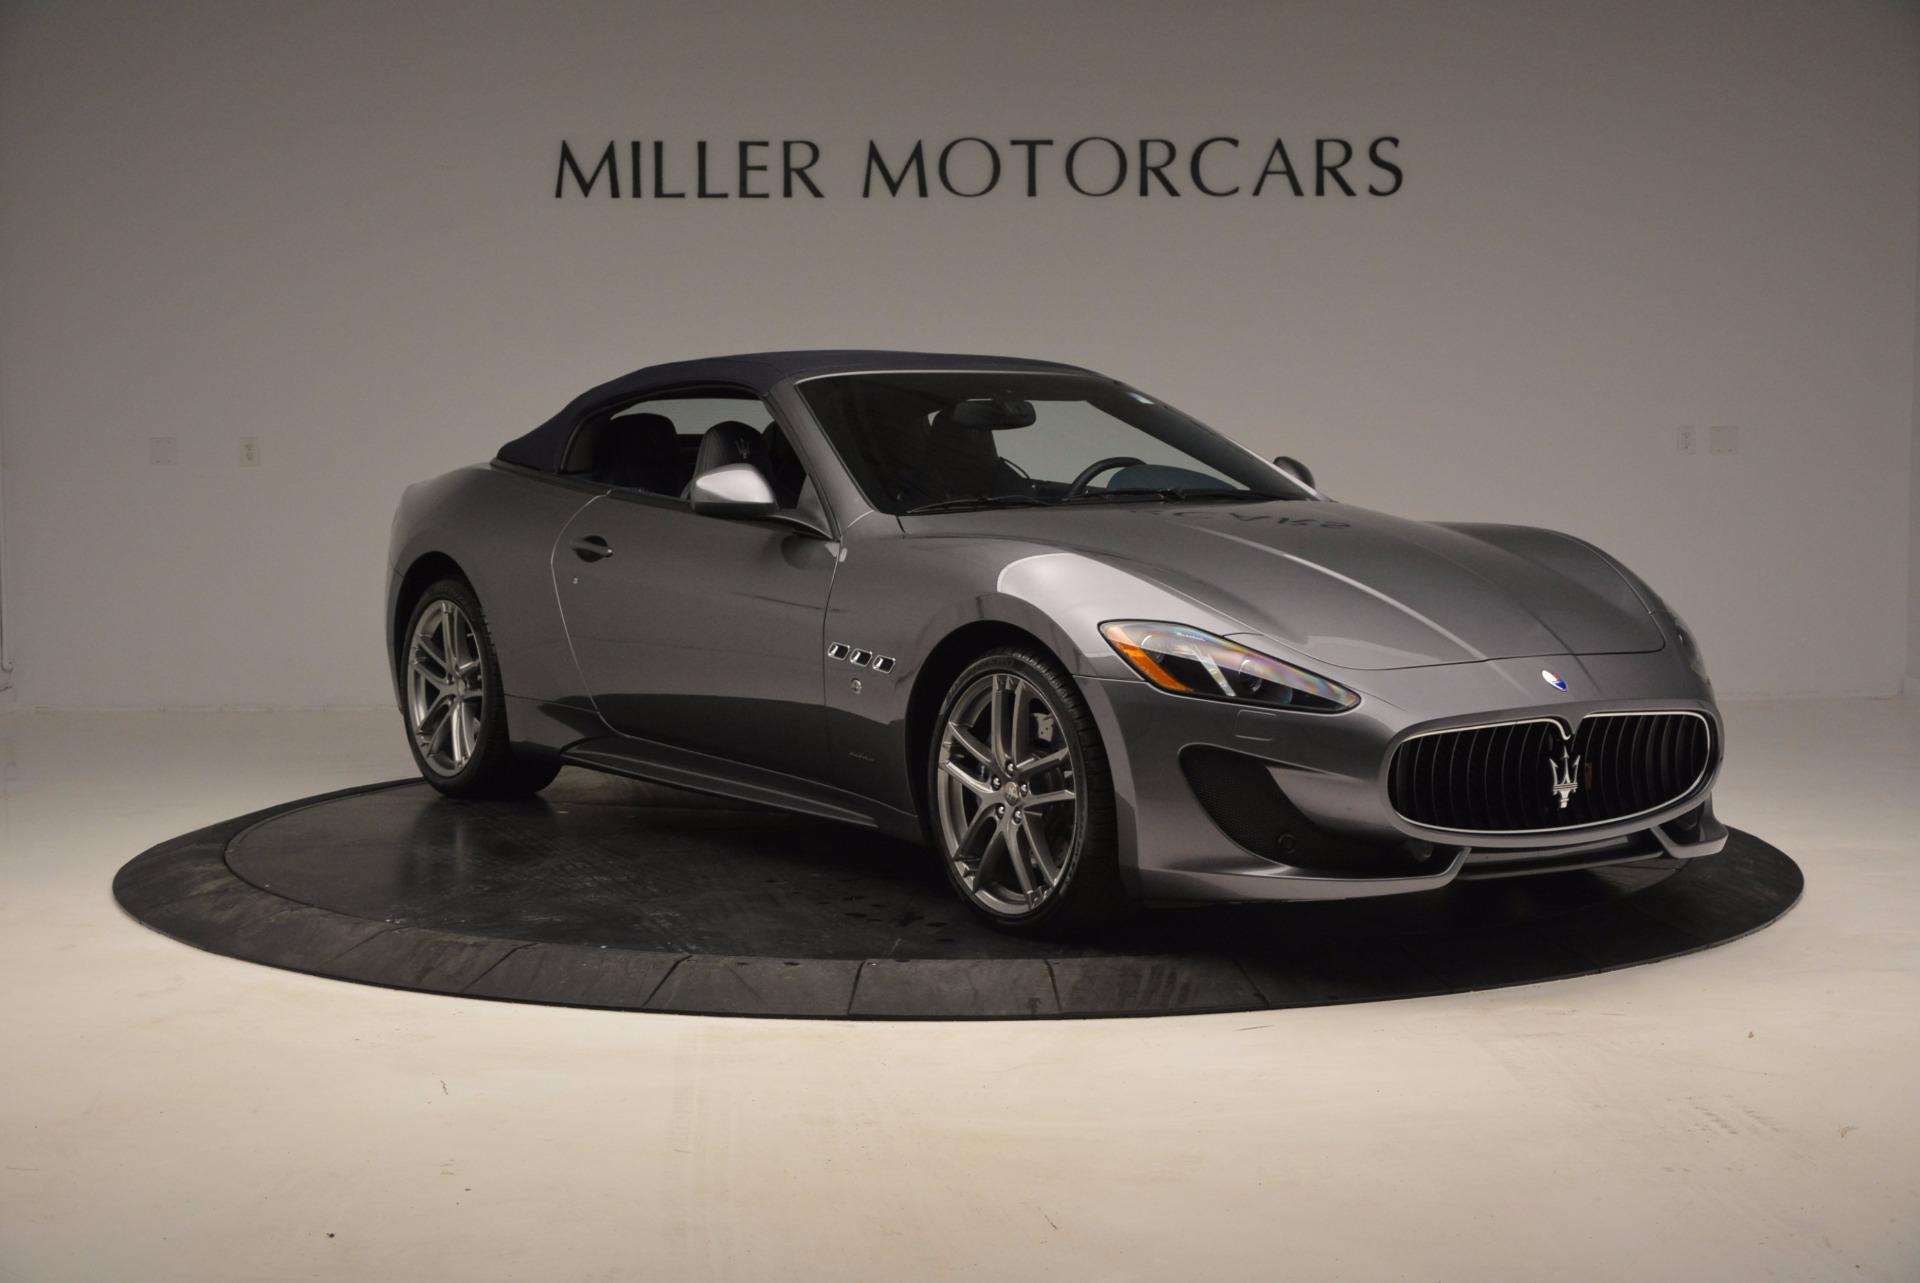 New 2017 Maserati GranTurismo Sport For Sale In Greenwich, CT 598_p20